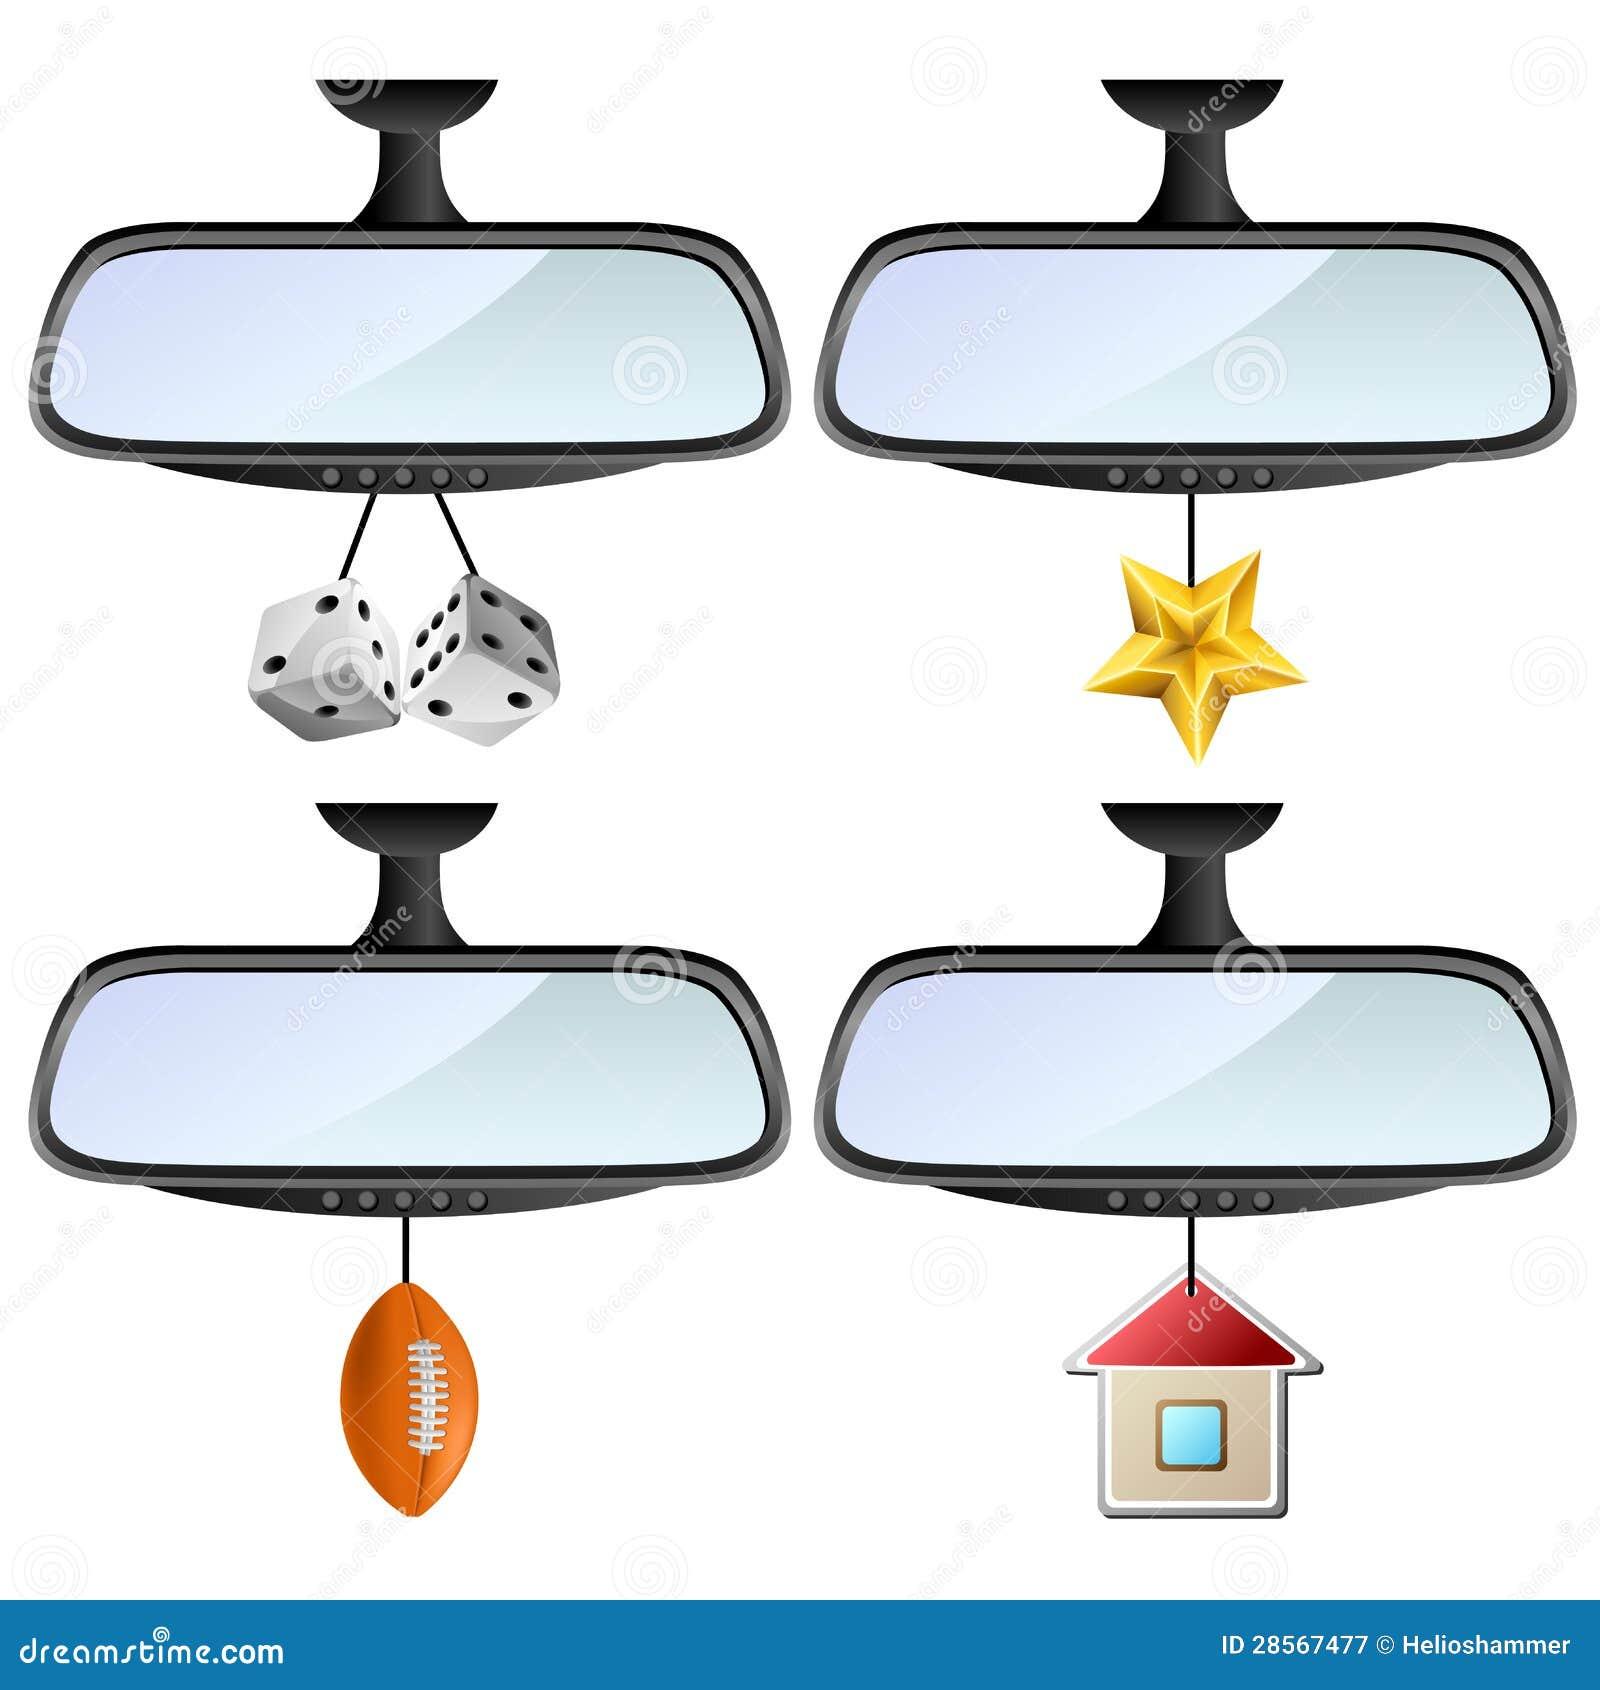 De Spiegel Van De Auto Met Verschillende Decoratie Wordt Geplaatst Die Vector Illustratie Illustration Of Blauw Dobbel 28567477